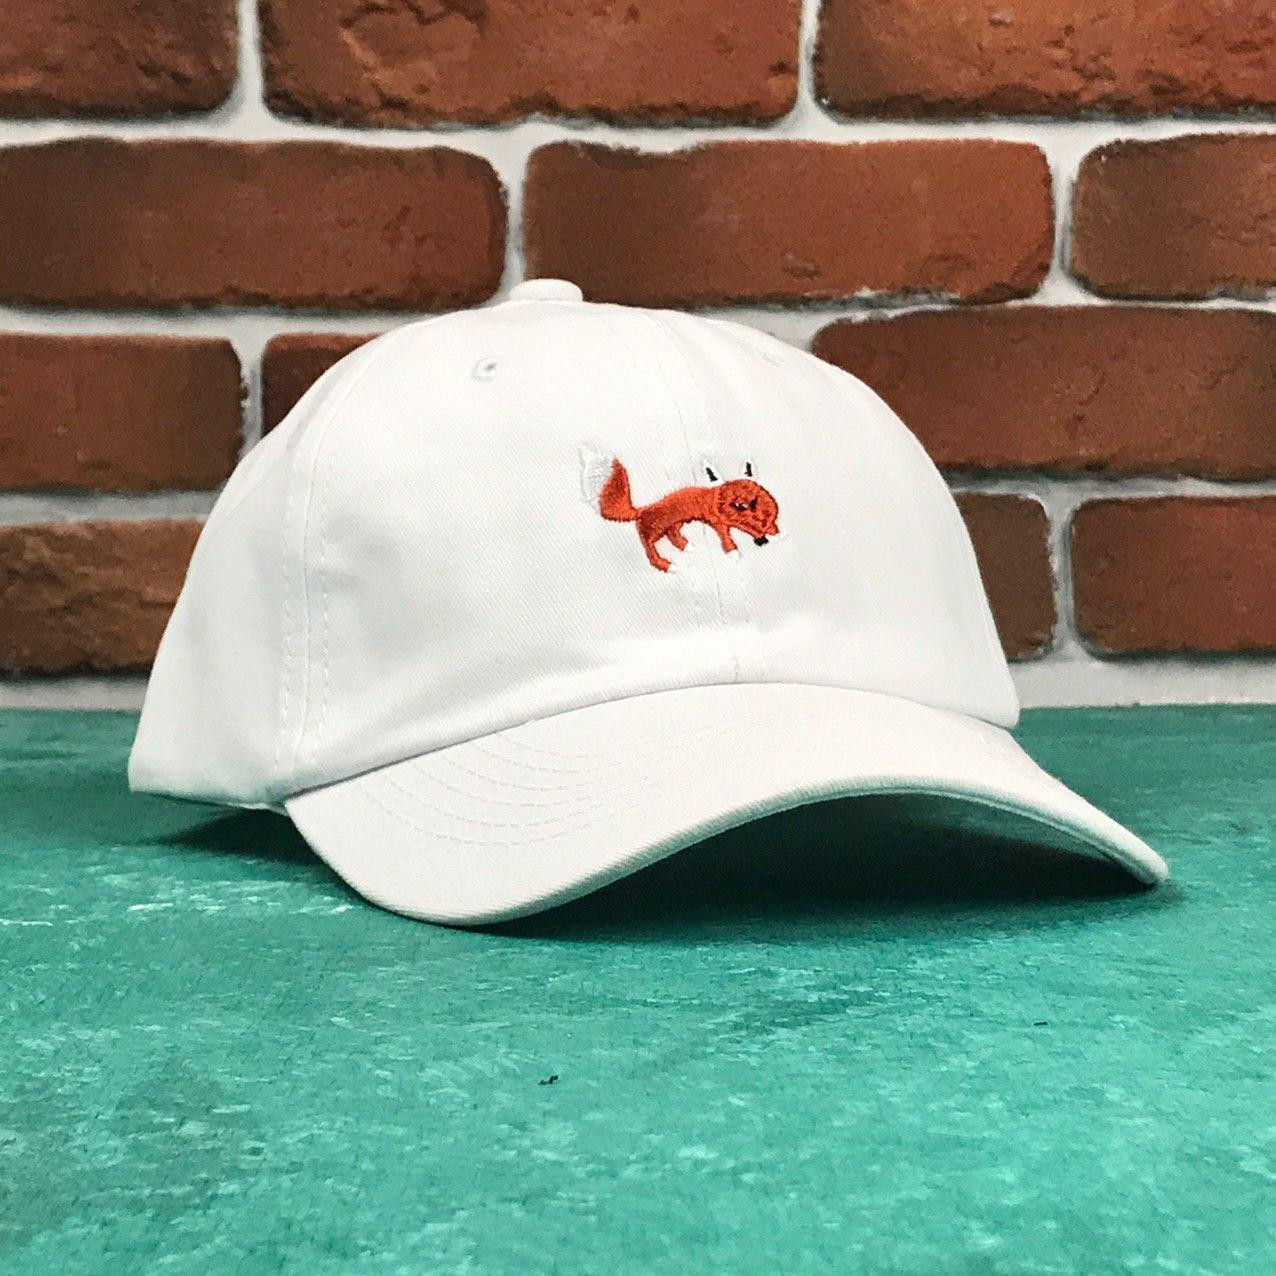 Кепка Бейсболка Мужская Женская City-A Fox с Лисой Белая